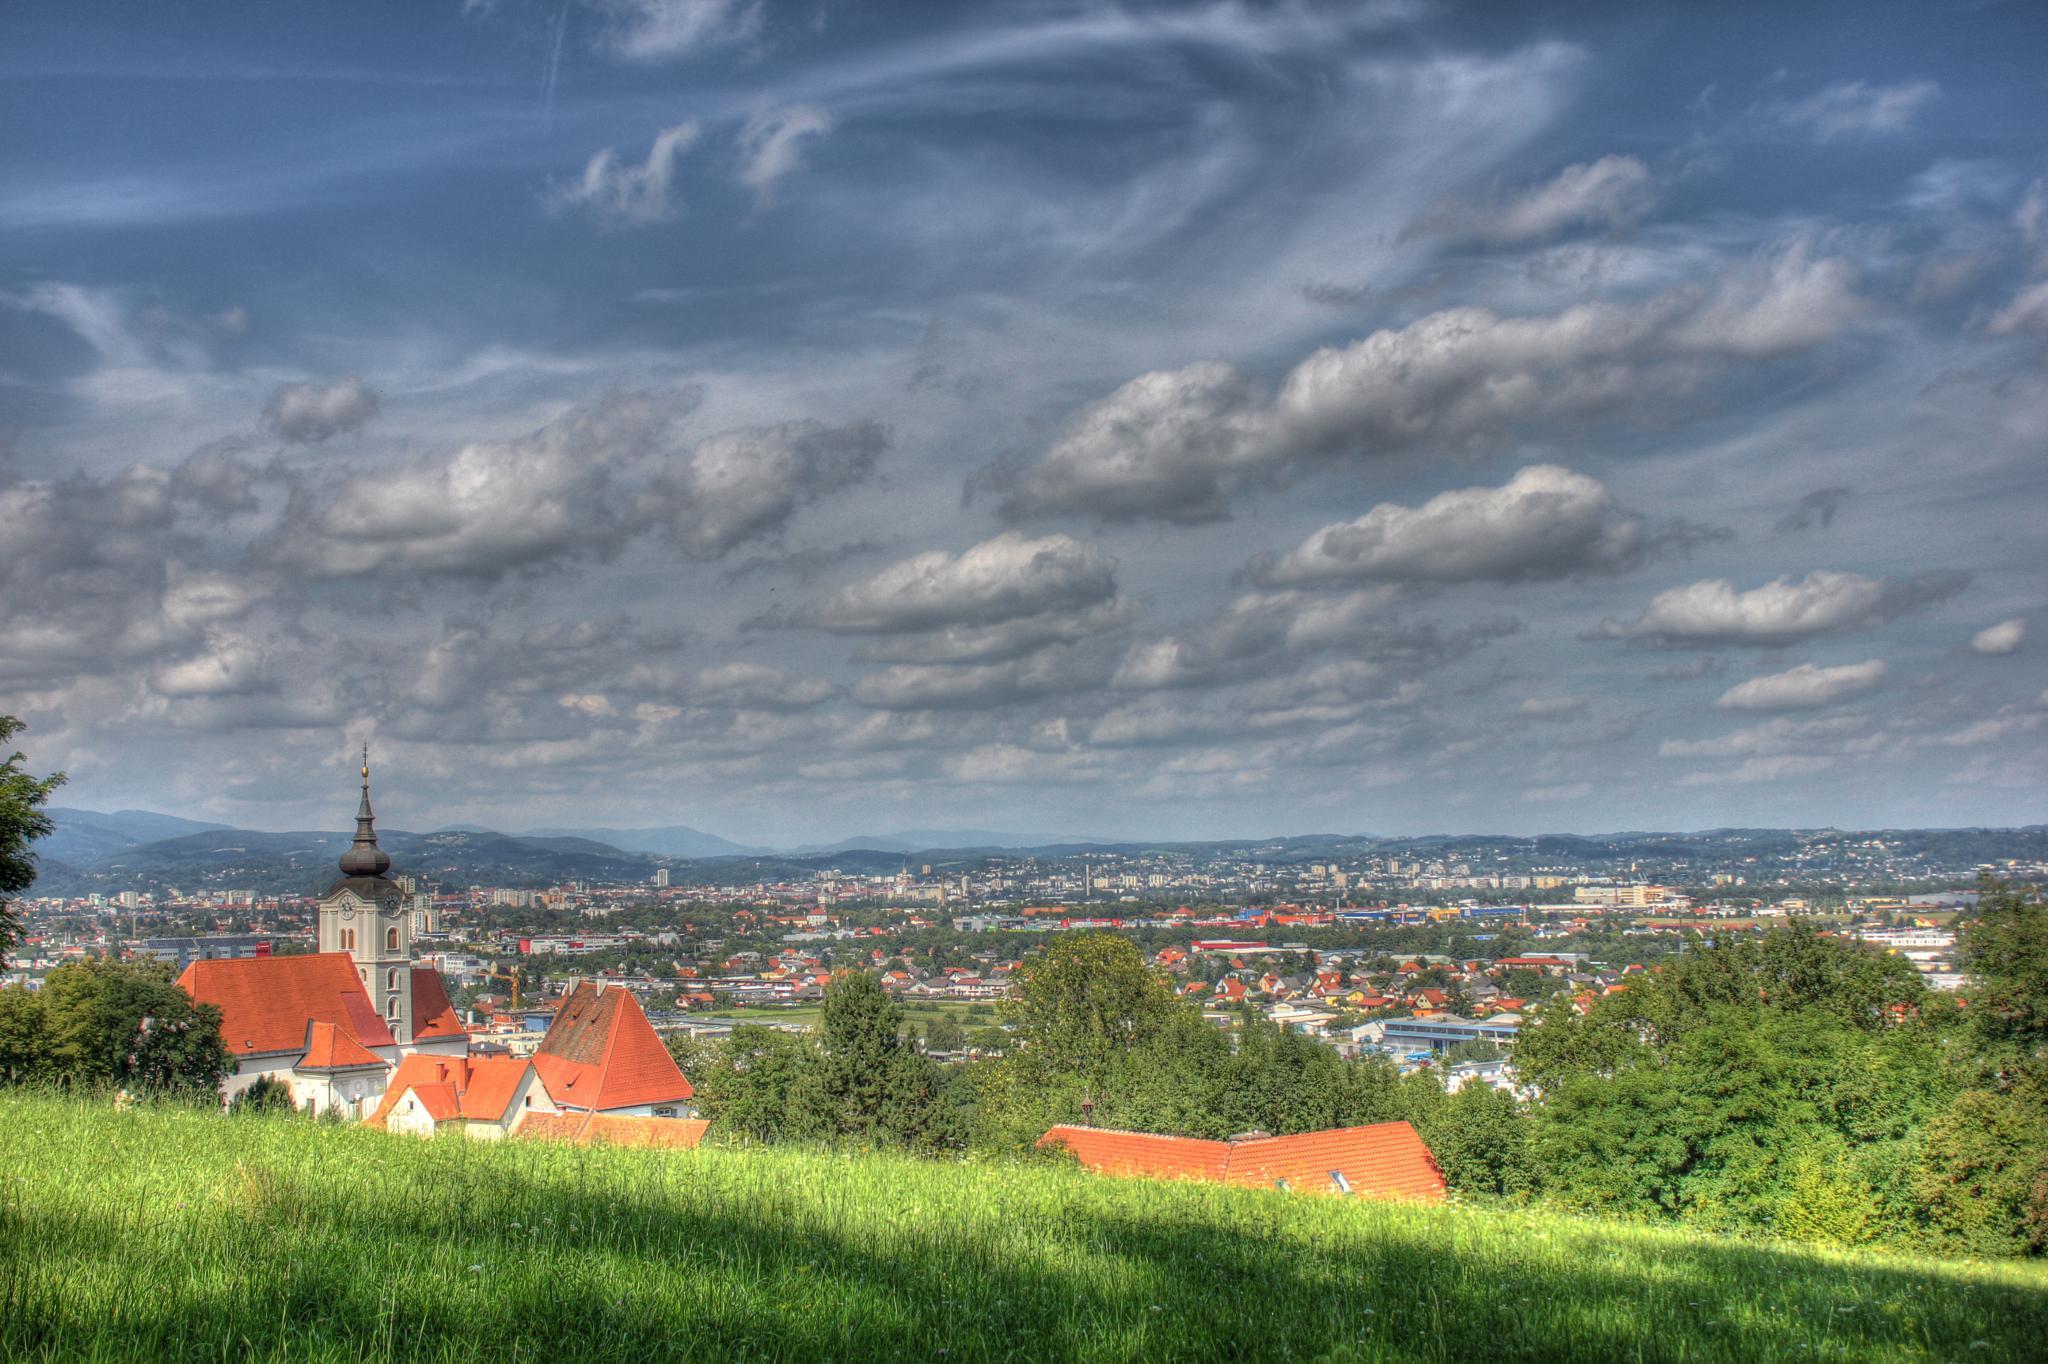 Graz (Austria) by Daniel Kiefer